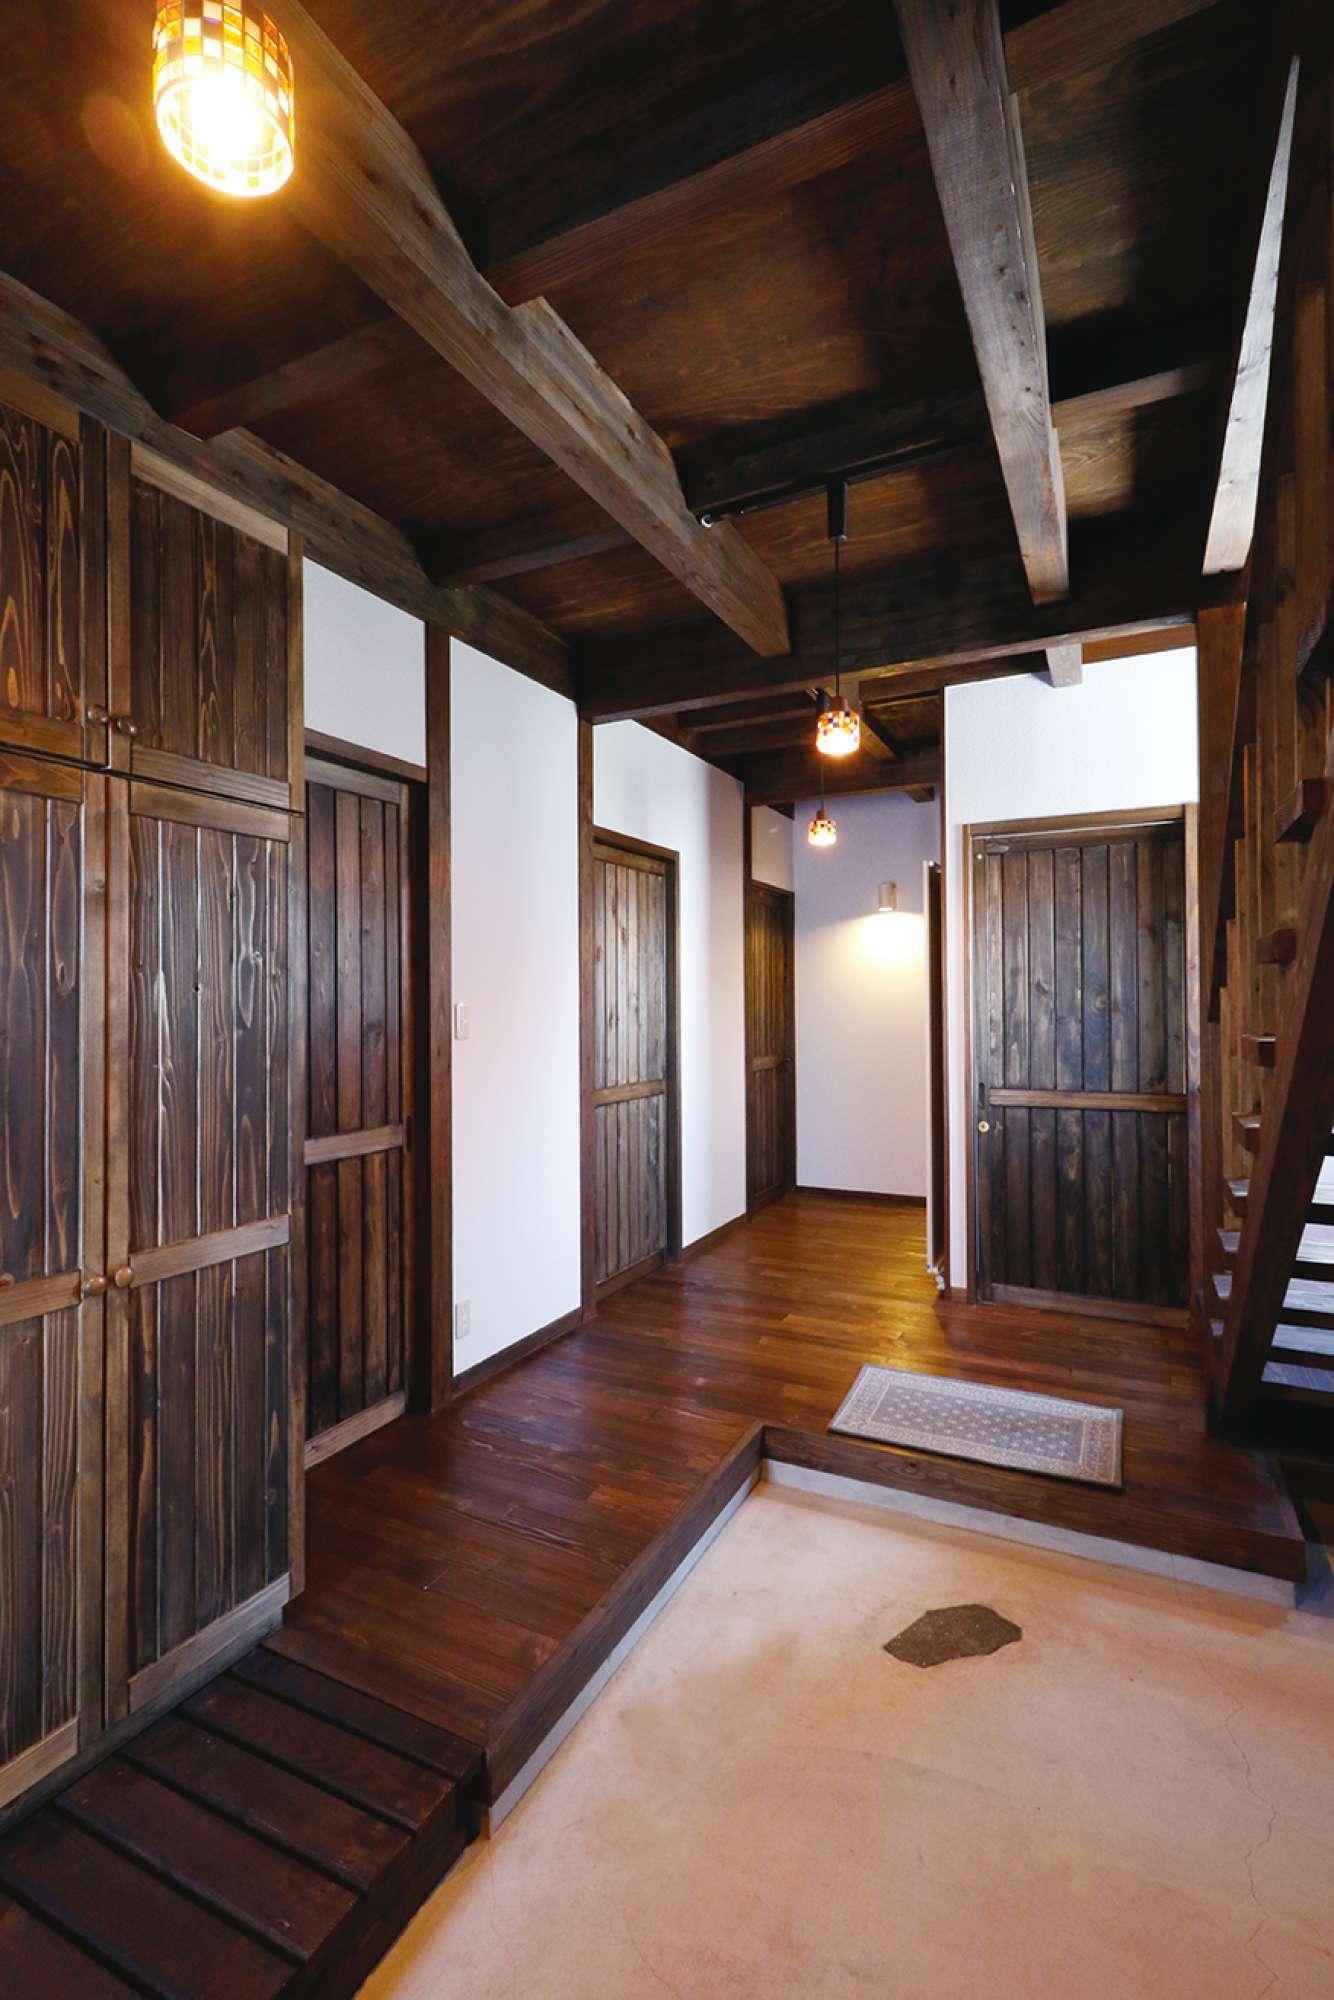 浮造りフローリングと表し天井、造作建具。木の魅力あふれる玄関 -  -  -